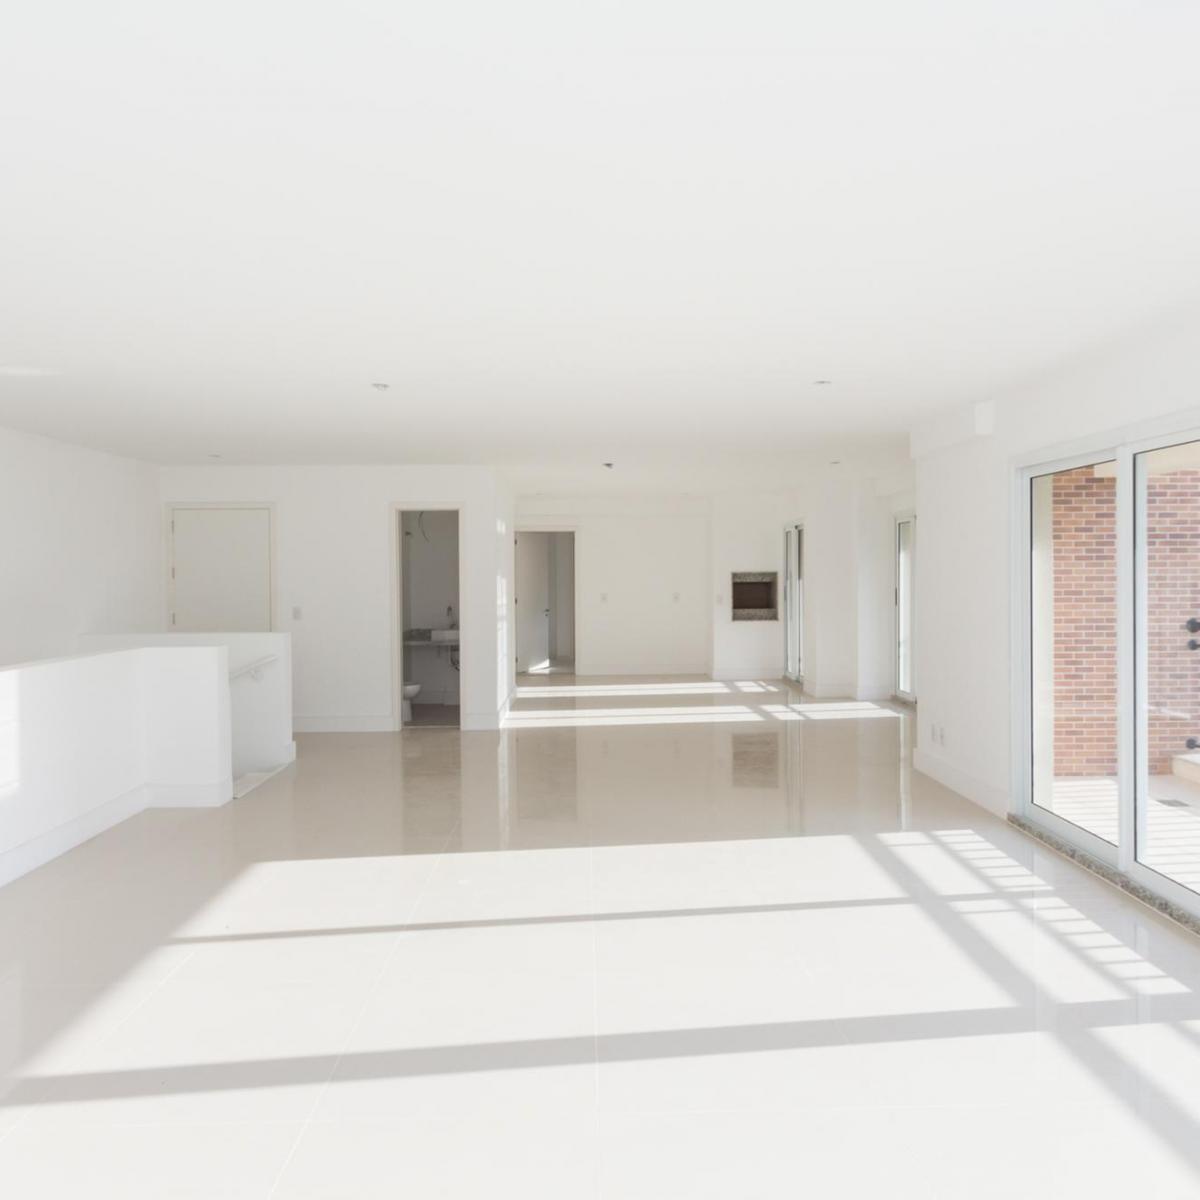 Imagens de #746657 Apartamento à venda com 4 Quartos Bigorrilho Curitiba R$ 1.229  1200x1200 px 3084 Box Banheiro Bigorrilho Curitiba